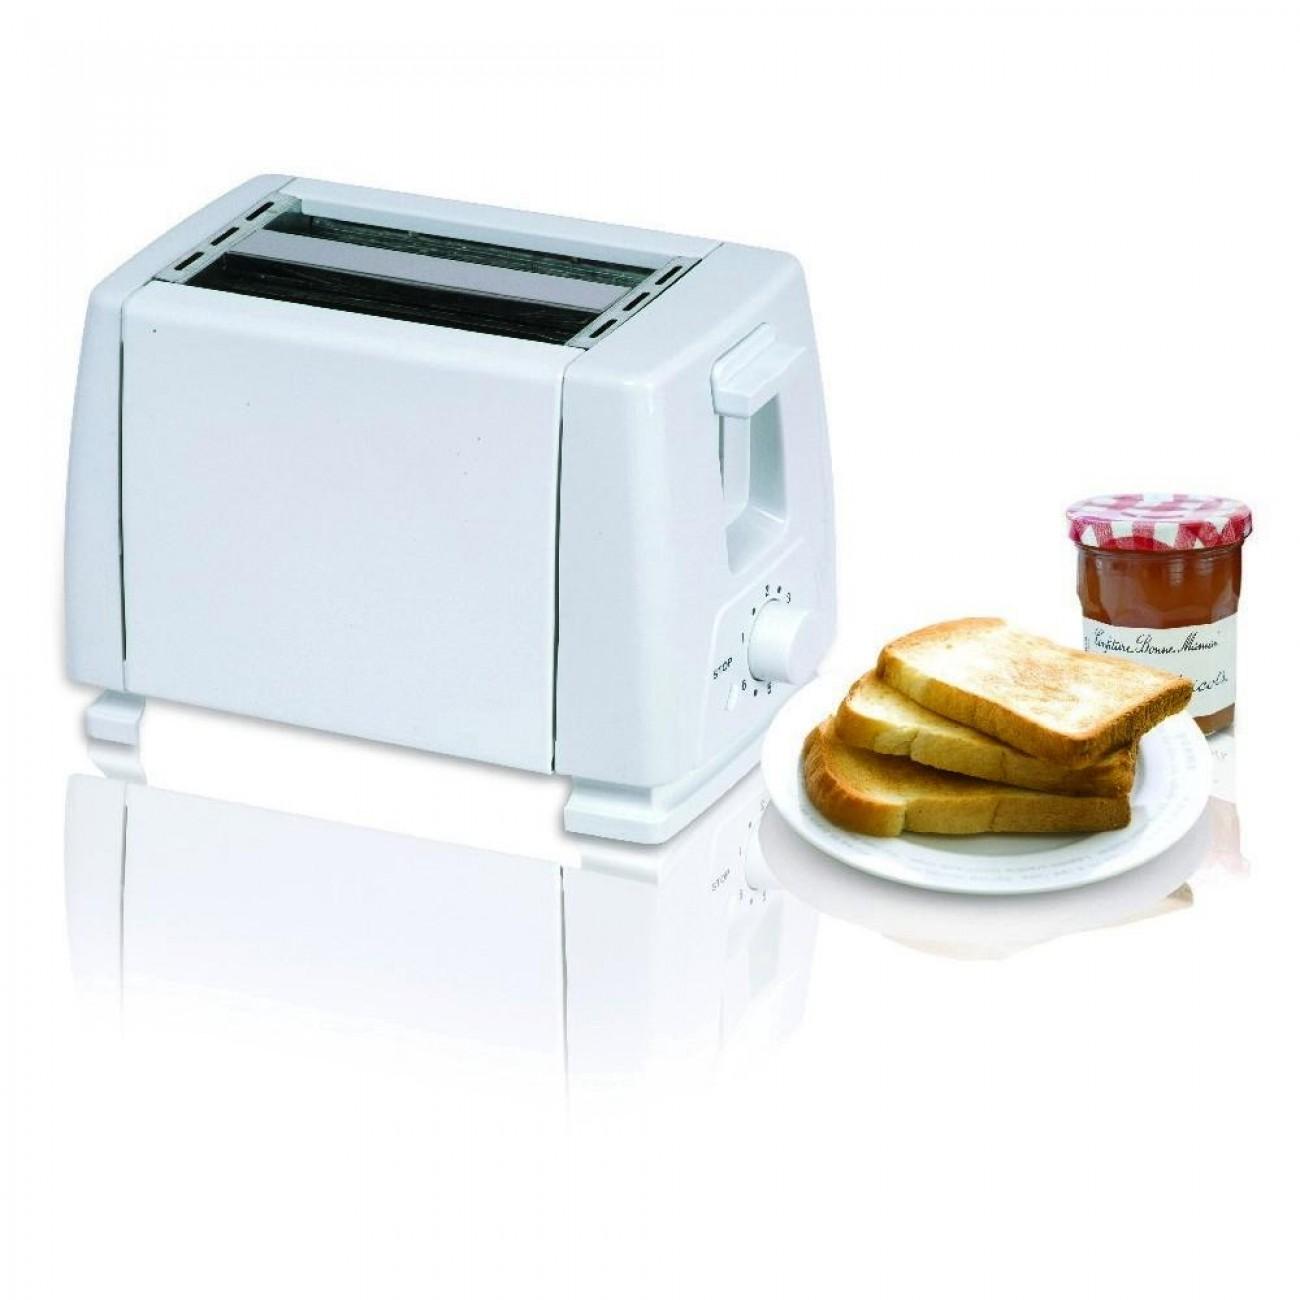 Тостер за хляб SAPIR SP 1440 B, 750W, За 2 филийки, 6 степени на запичане, Бял в Тостери за хляб - SAPIR   Alleop